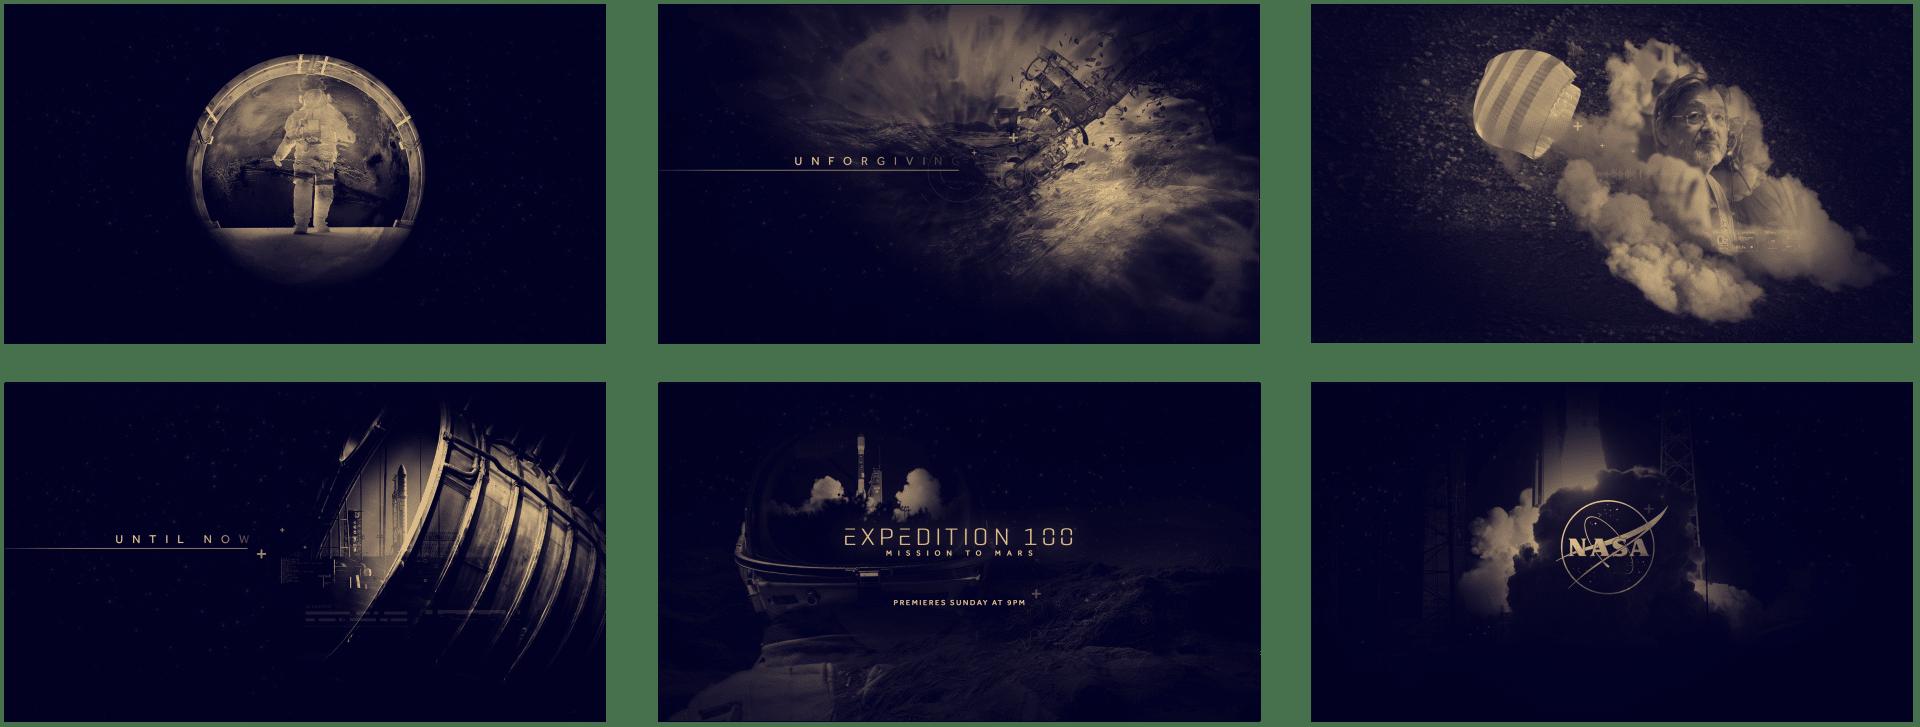 Storyboard pour le motion design de la bande annonce télévisée de l'émission « Expedition 100: Mission to Mars » sur Nasa TV réalisée pour Design Bootcamp, version bleu nuit